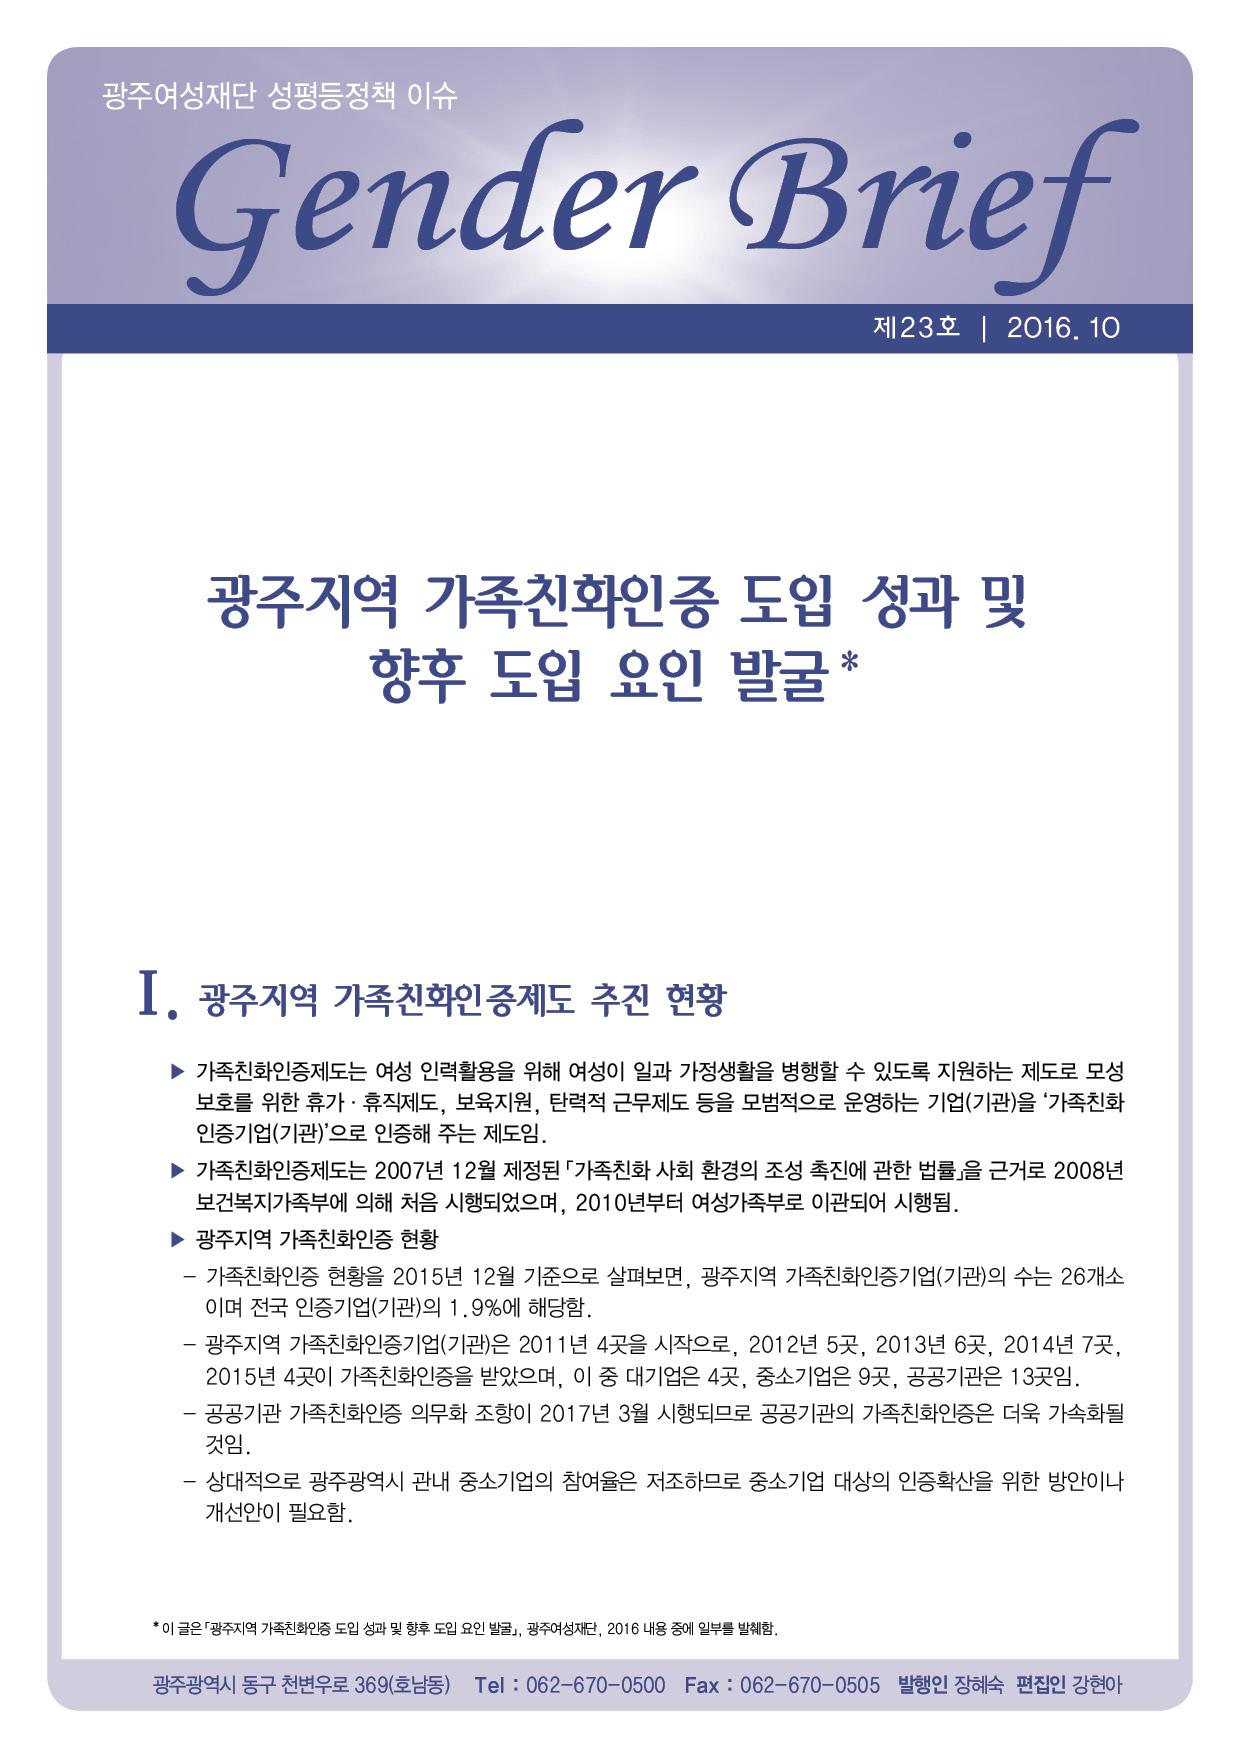 젠더브리프제23호-광주지역 가족친화인증 도입 성과 및 향후 도입 요인 발굴